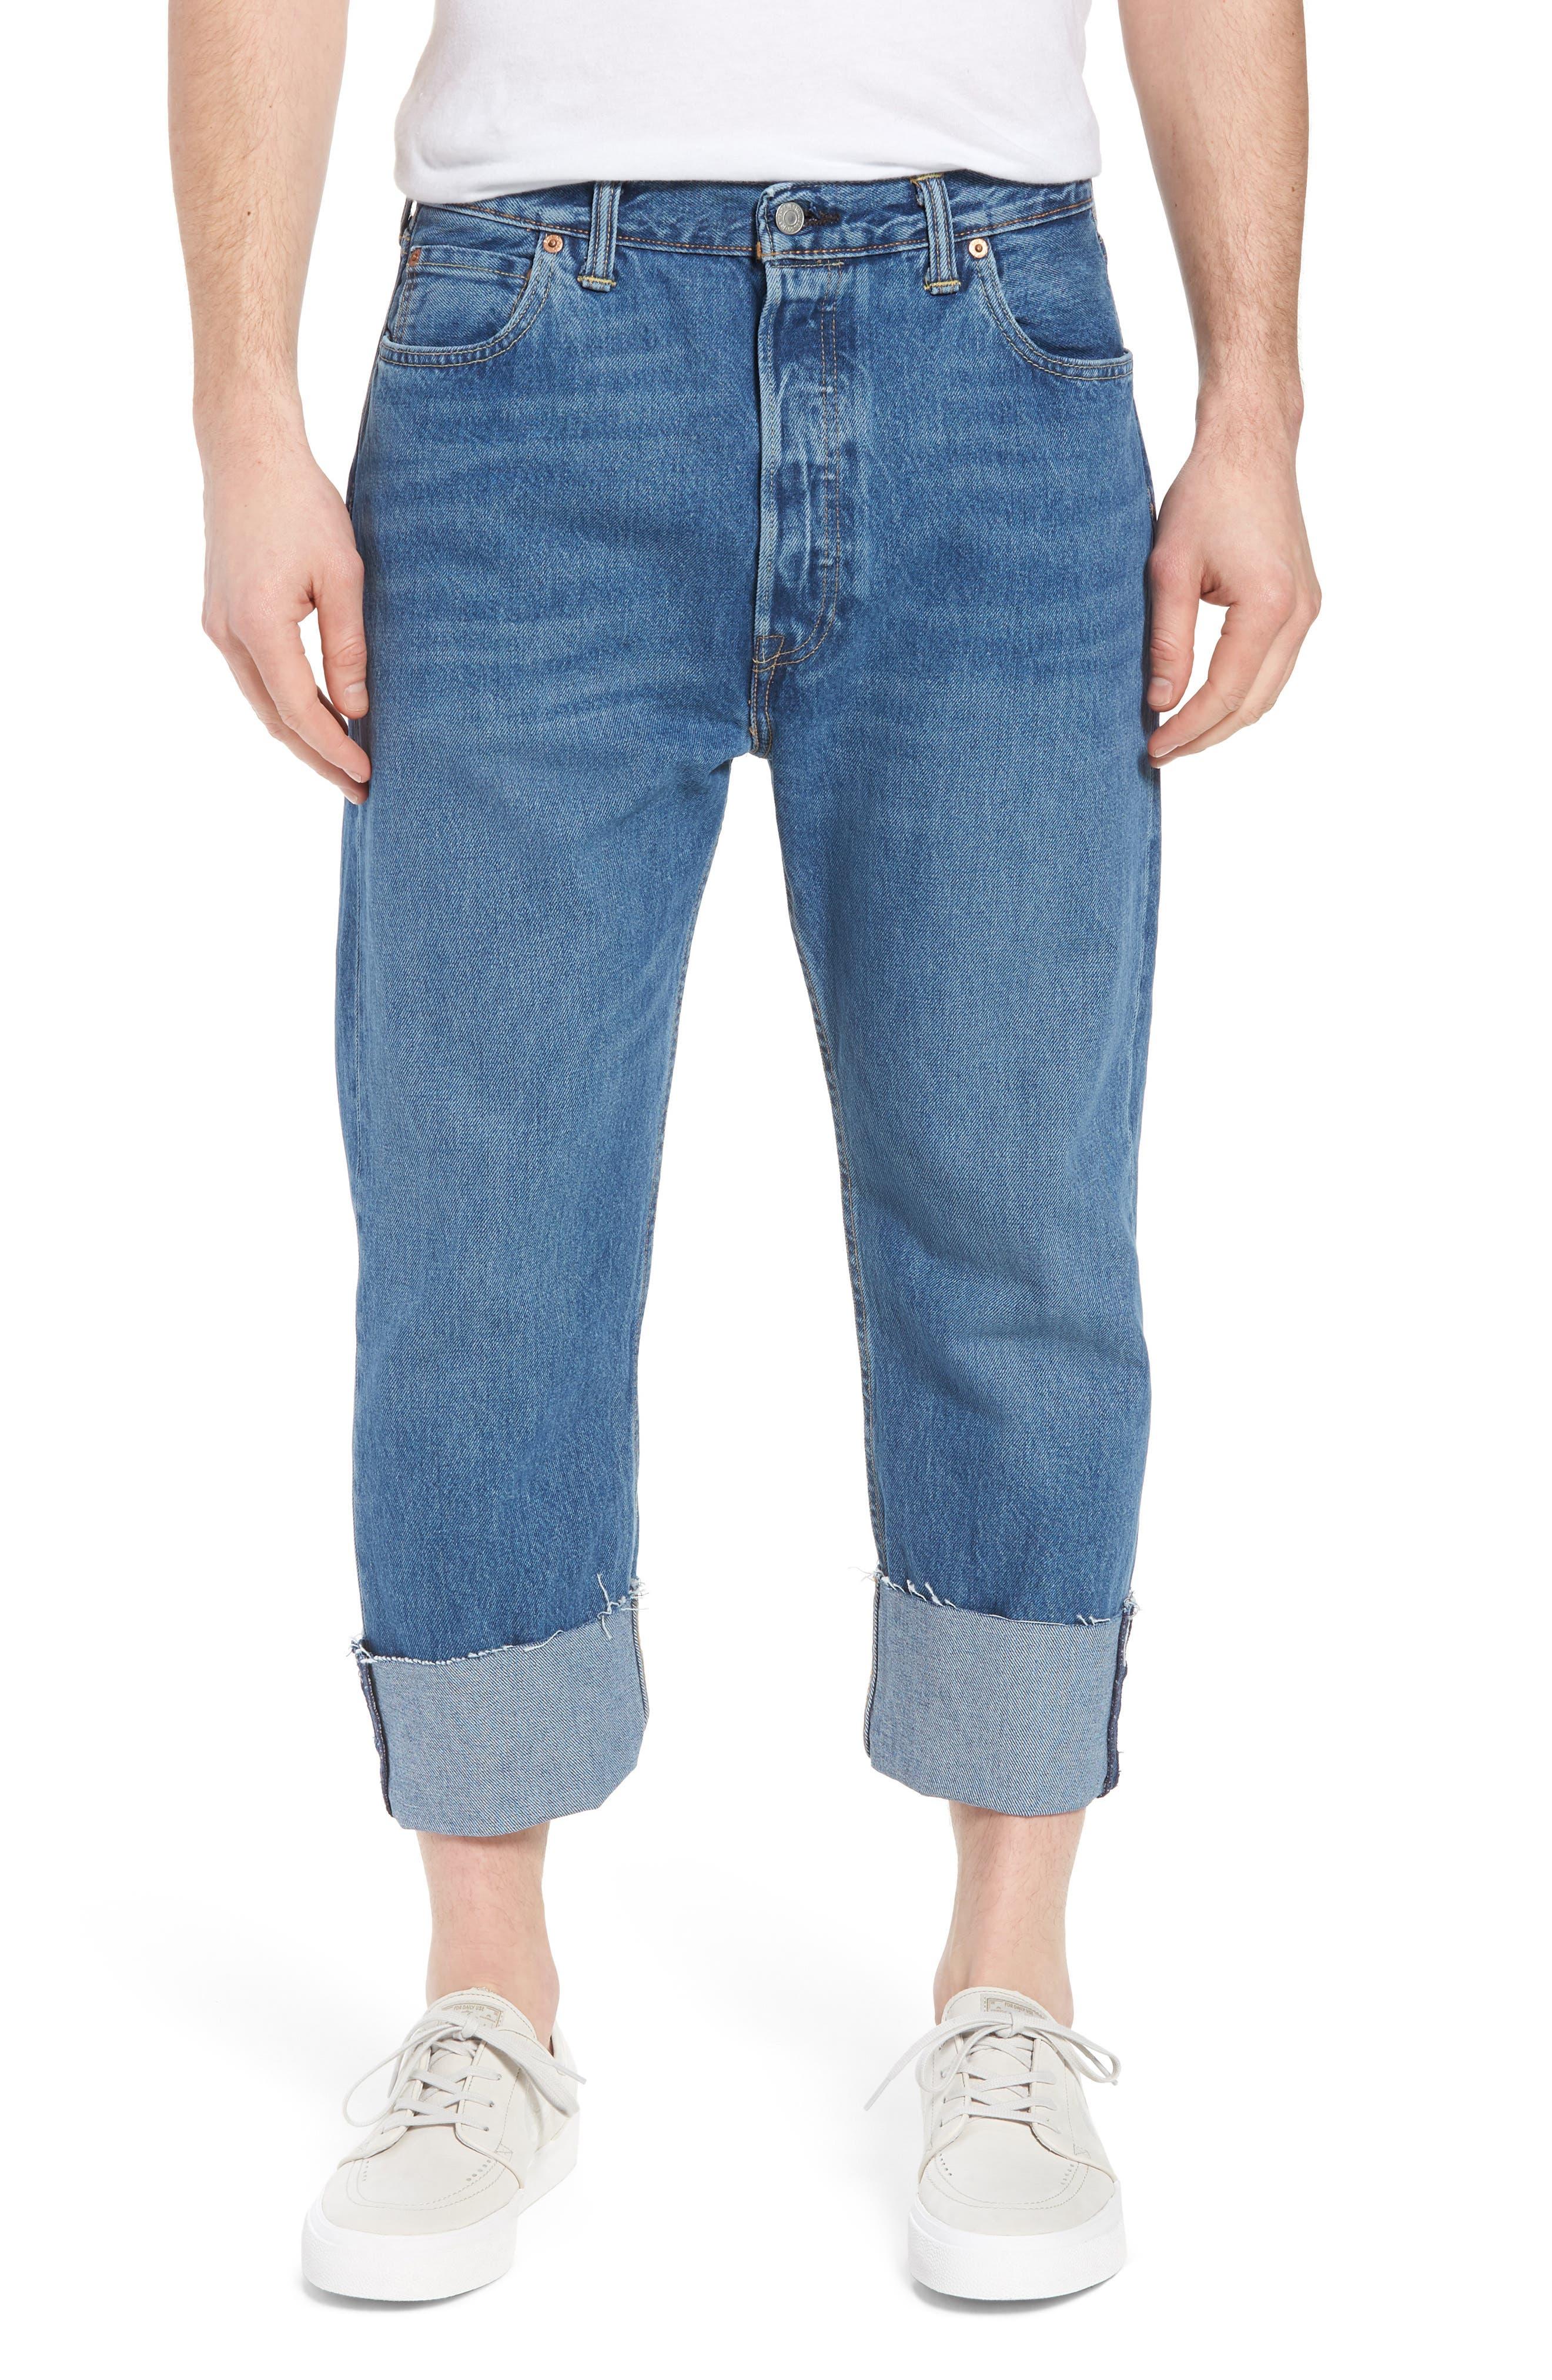 Alternate Image 1 Selected - Levi's® 501™ Straight Leg Jeans (Bunker Indigo)